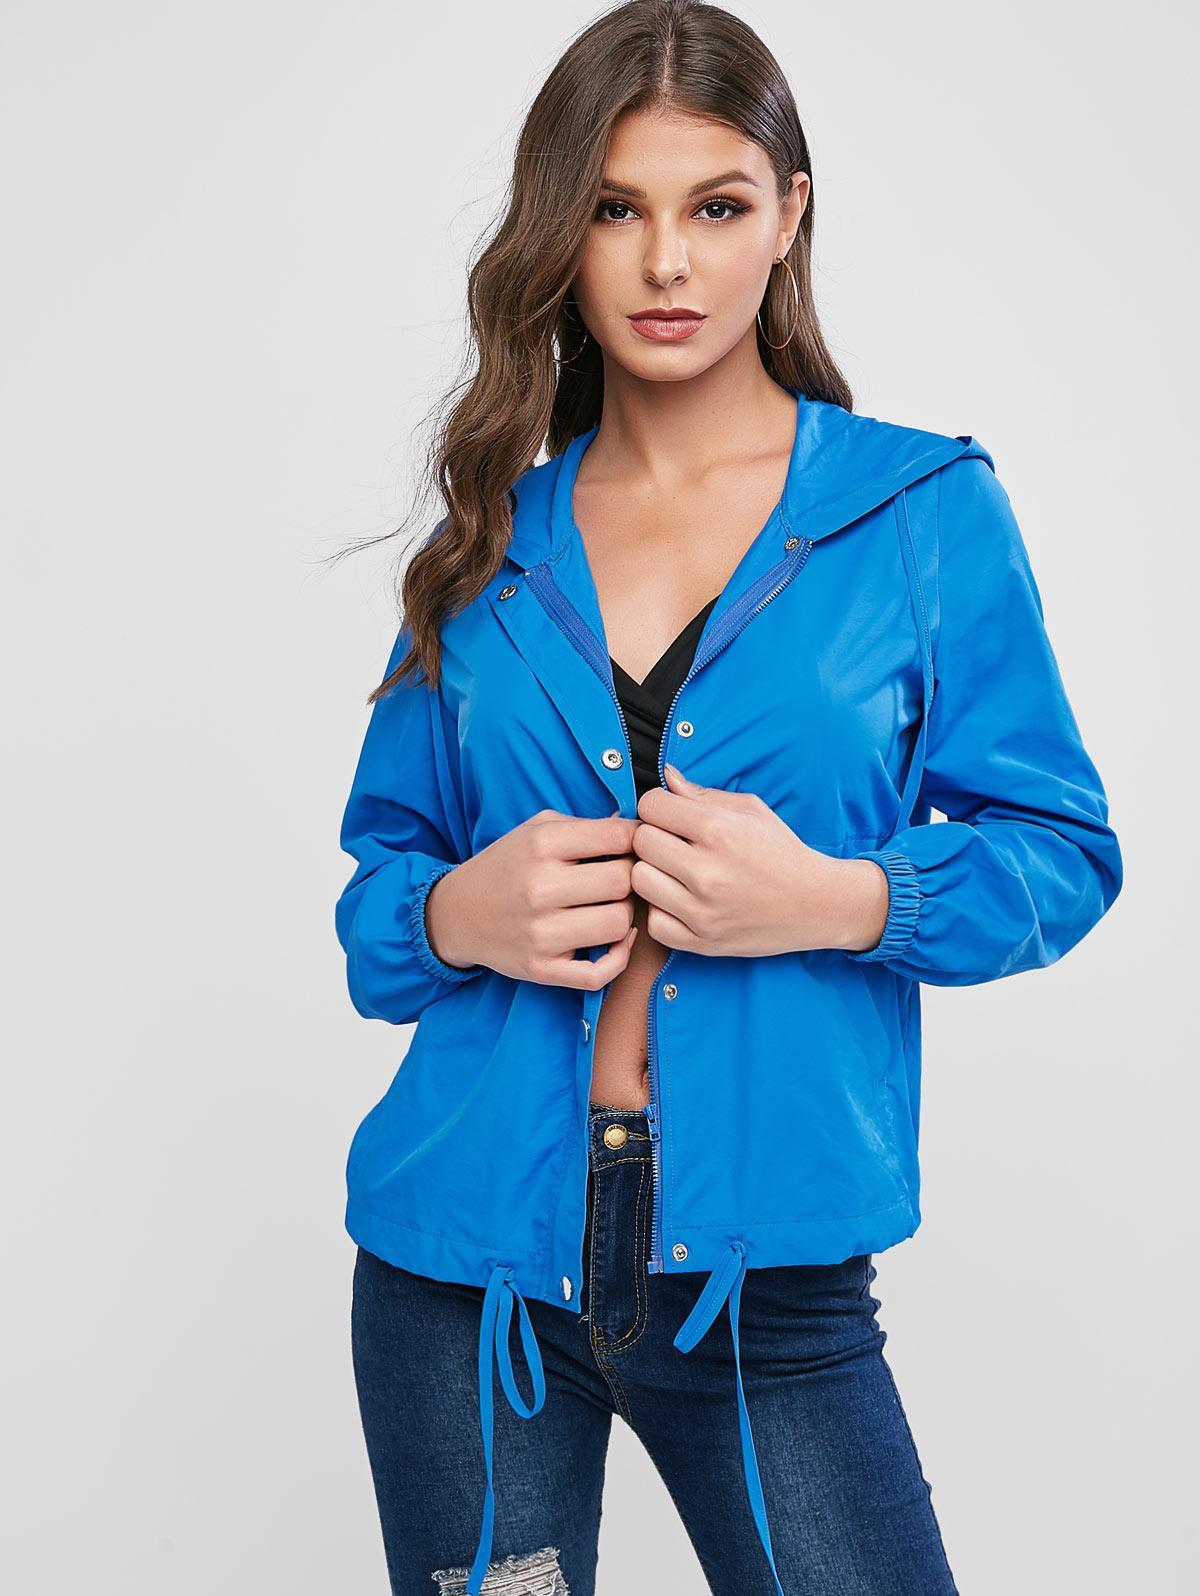 ZAFUL Zip Up Windbreak Hooded Jacket